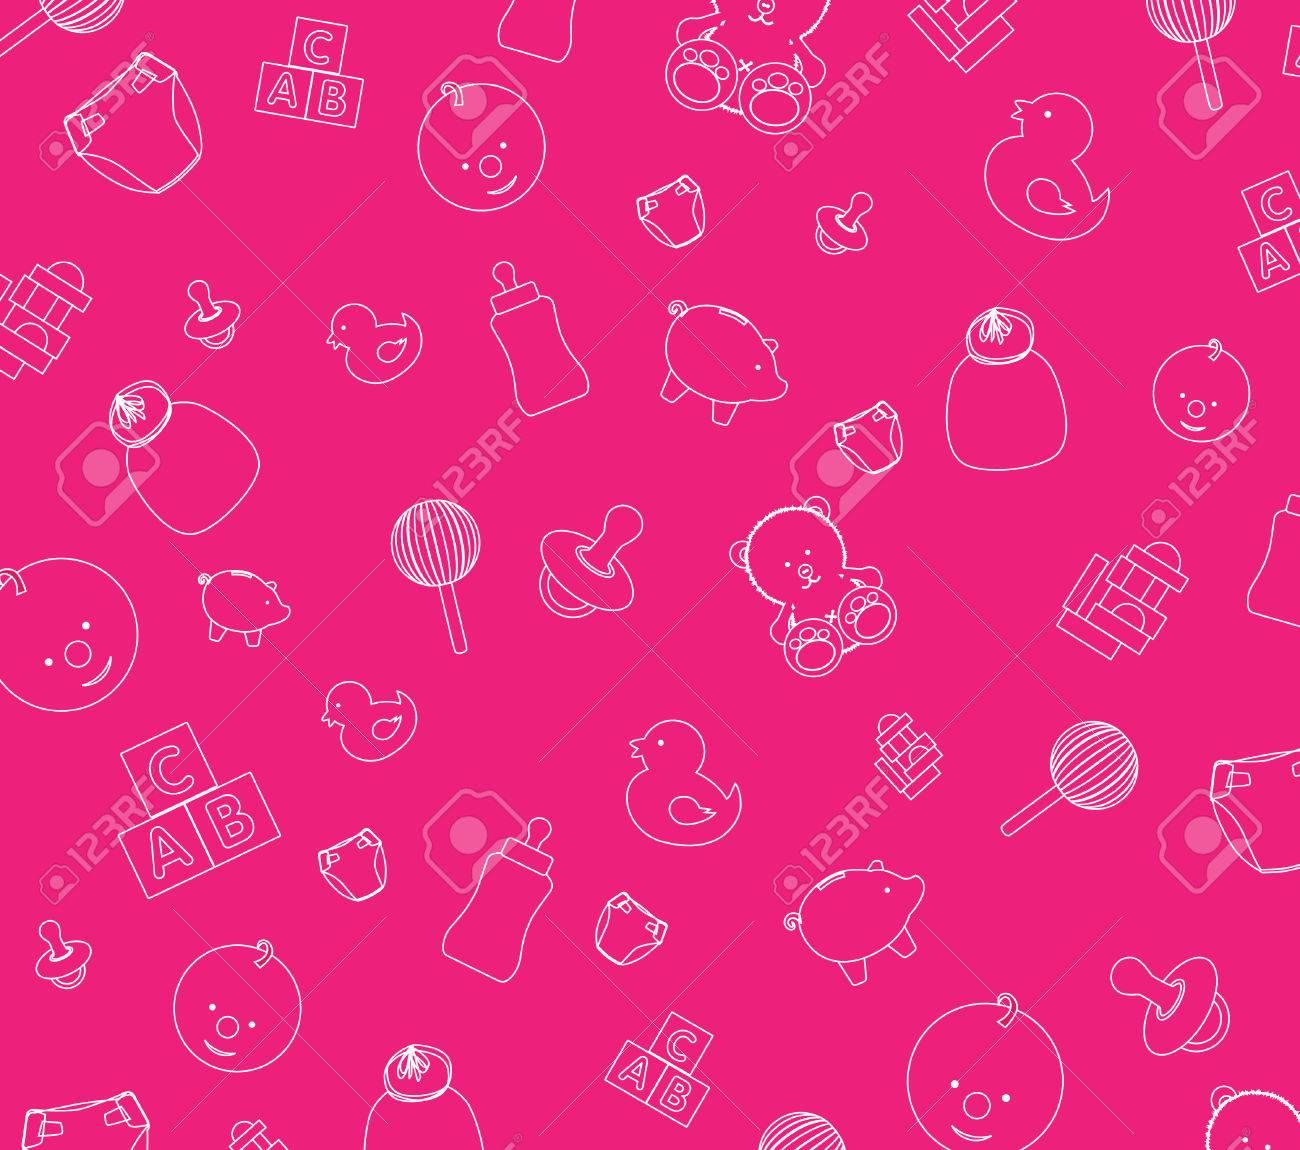 ピンクの赤ちゃん壁紙の背景のイラストのイラスト素材 ベクタ Image